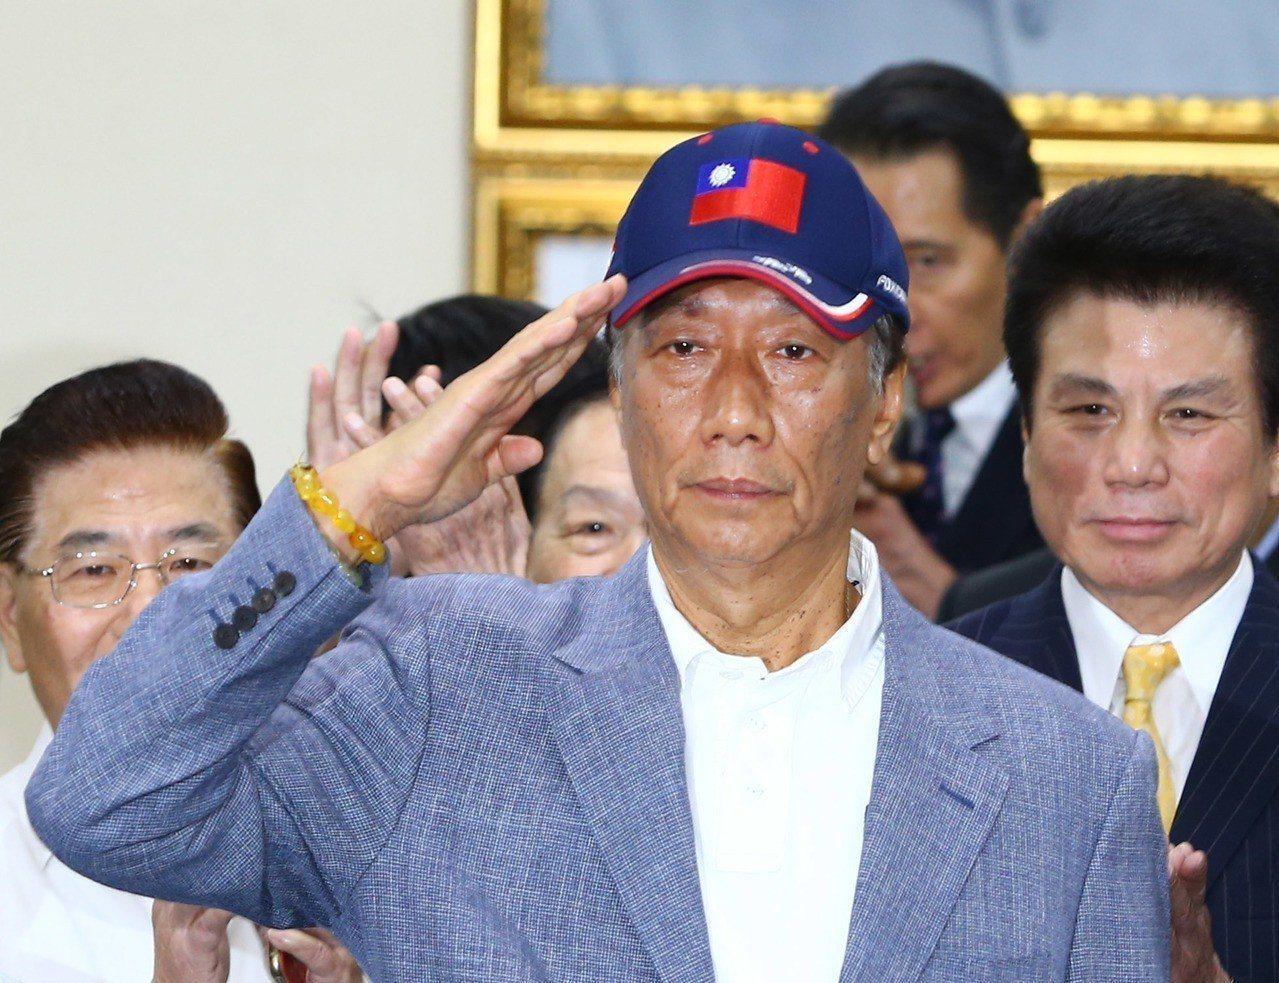 鴻海董事長郭台銘昨天(17日)宣布投入國民黨初選。 記者陳柏亨/攝影